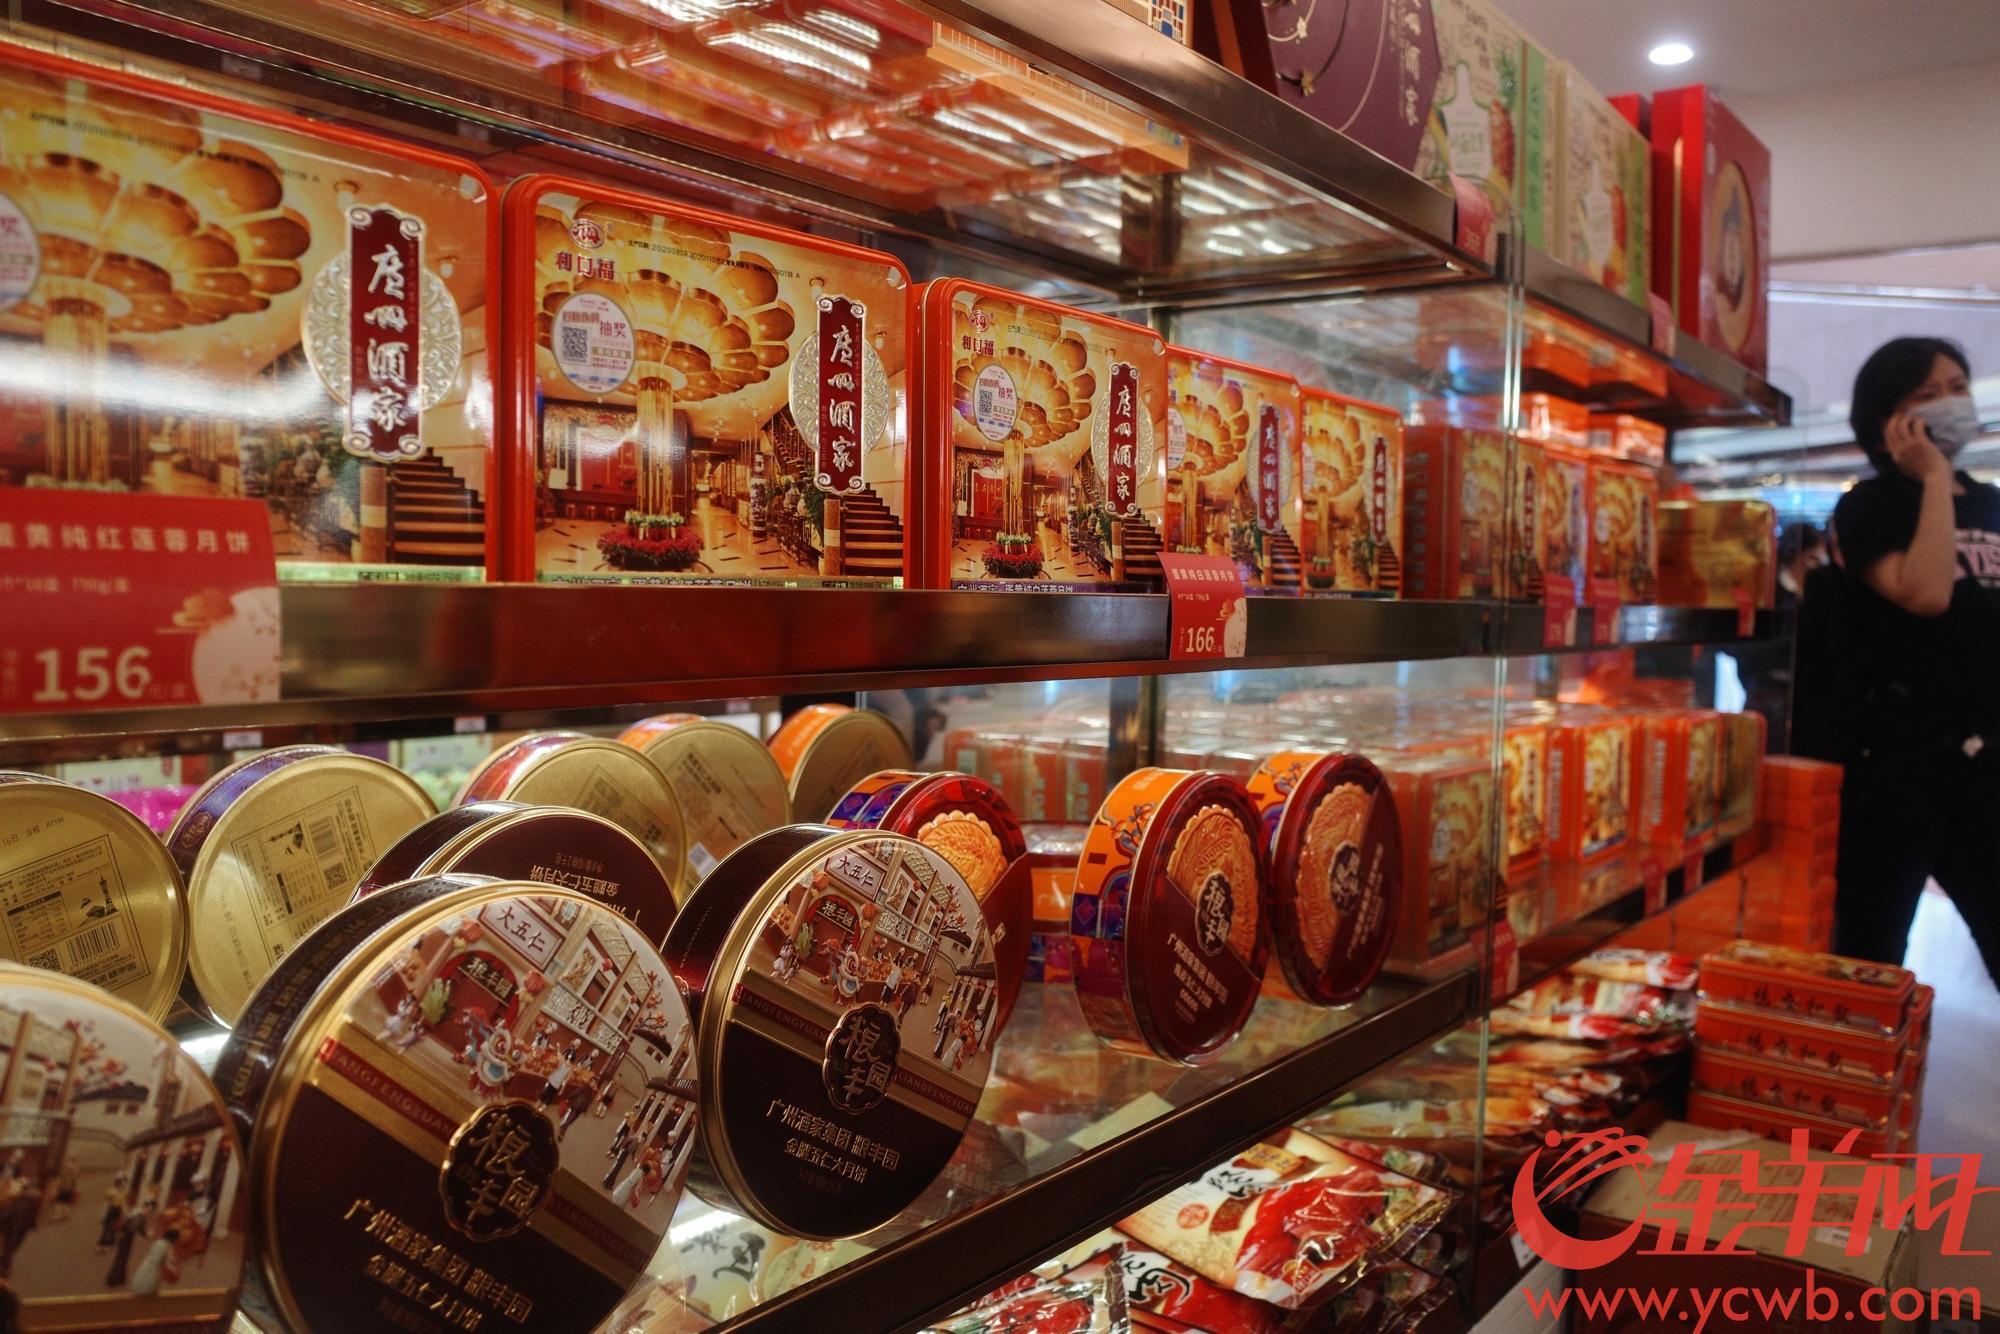 2020年9月1日,市民在广州酒家零售店挑选购买月饼。距离今年中秋佳节还有一个月时间,月饼市场开始升温。羊城晚报全媒体记者 宋金峪 摄